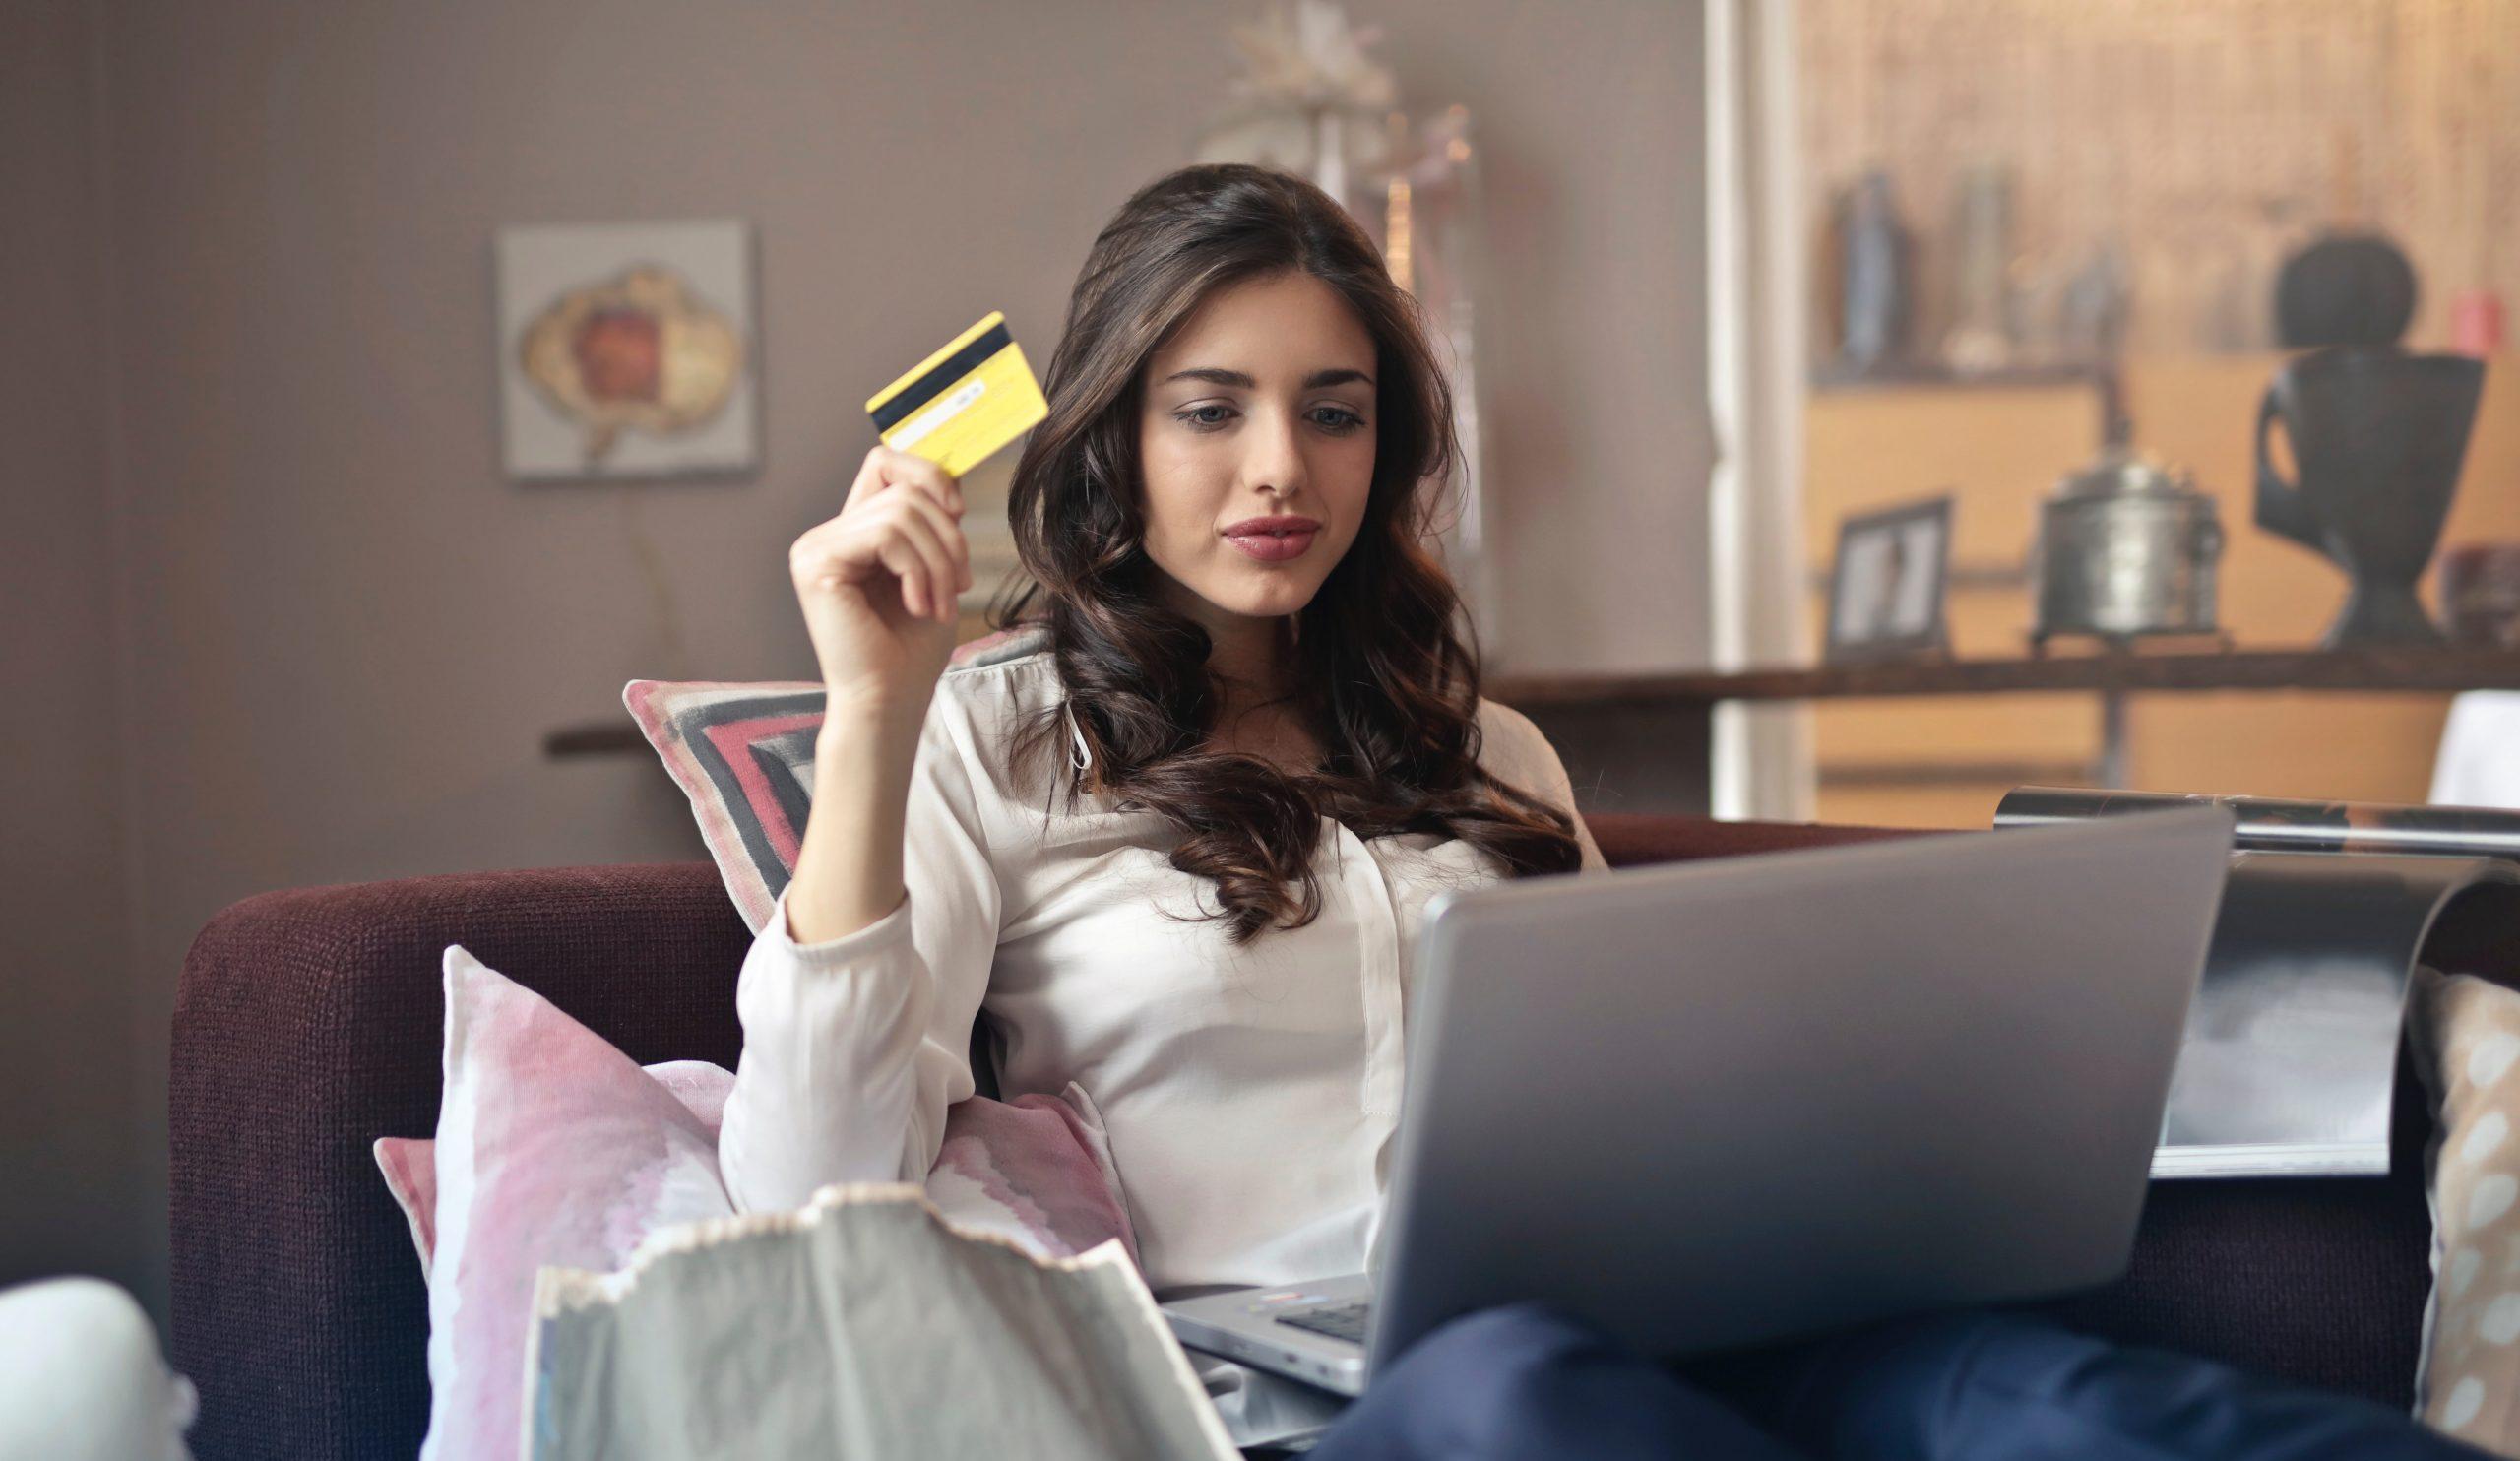 Consumer data